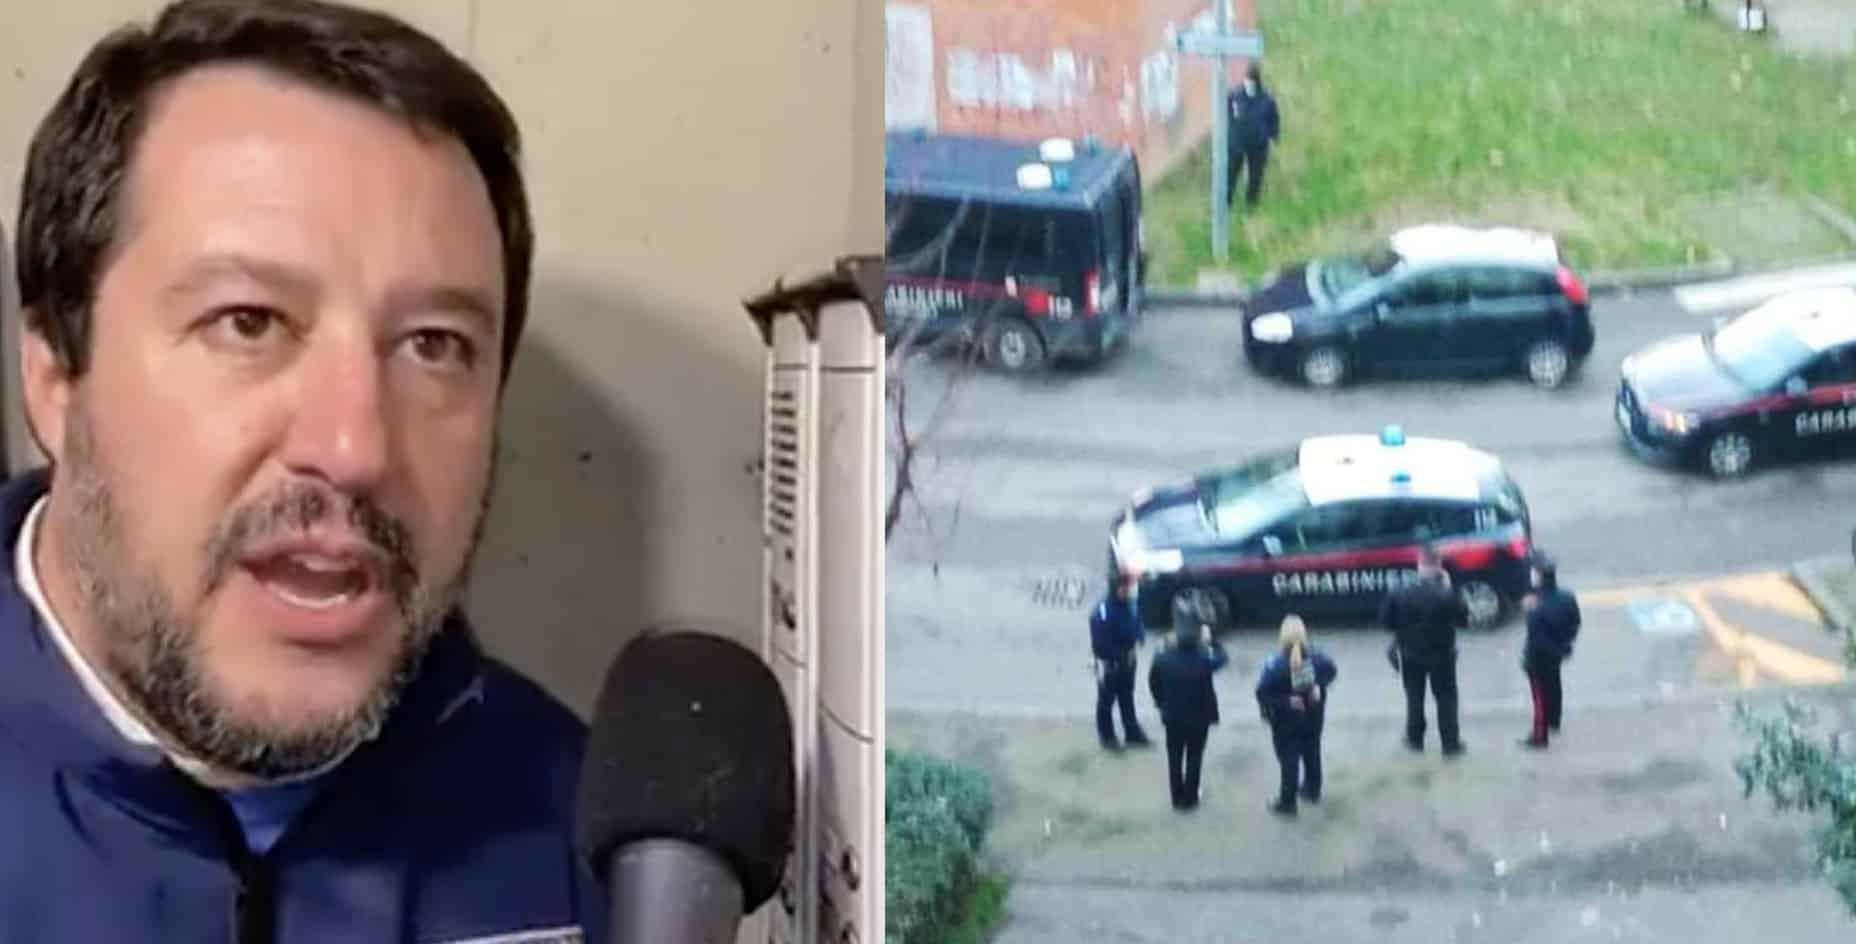 Blitz nell'appartamento della citofonata di Salvini: due arresti proprio per spaccio